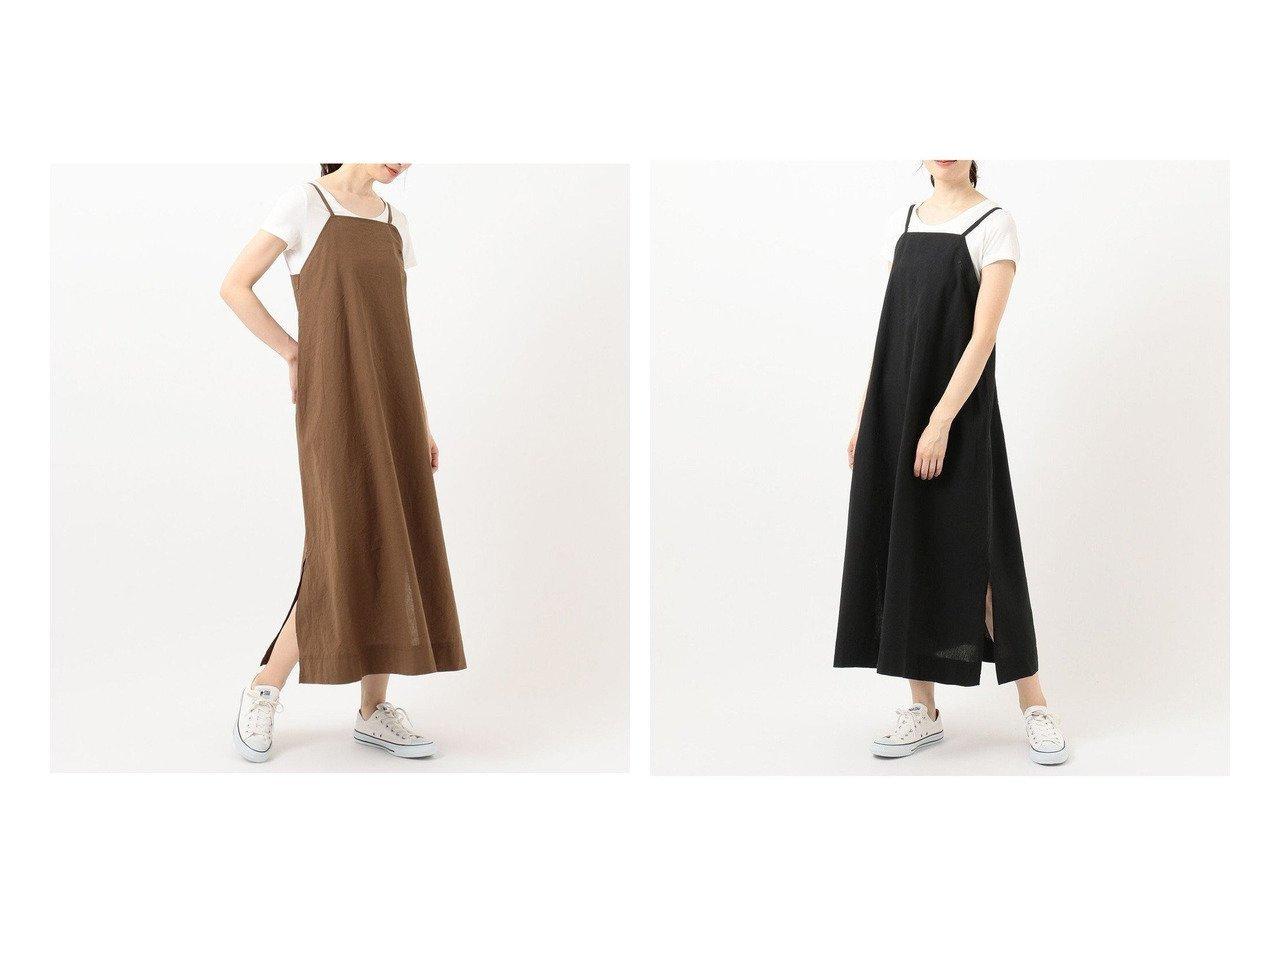 【any FAM/エニィファム】のONEPIECEDRESS(ヘインズ) ワンピース 【ワンピース・ドレス】おすすめ!人気、トレンド・レディースファッションの通販 おすすめで人気の流行・トレンド、ファッションの通販商品 インテリア・家具・メンズファッション・キッズファッション・レディースファッション・服の通販 founy(ファニー) https://founy.com/ ファッション Fashion レディースファッション WOMEN ワンピース Dress ドレス Party Dresses 送料無料 Free Shipping スリット |ID:crp329100000040890